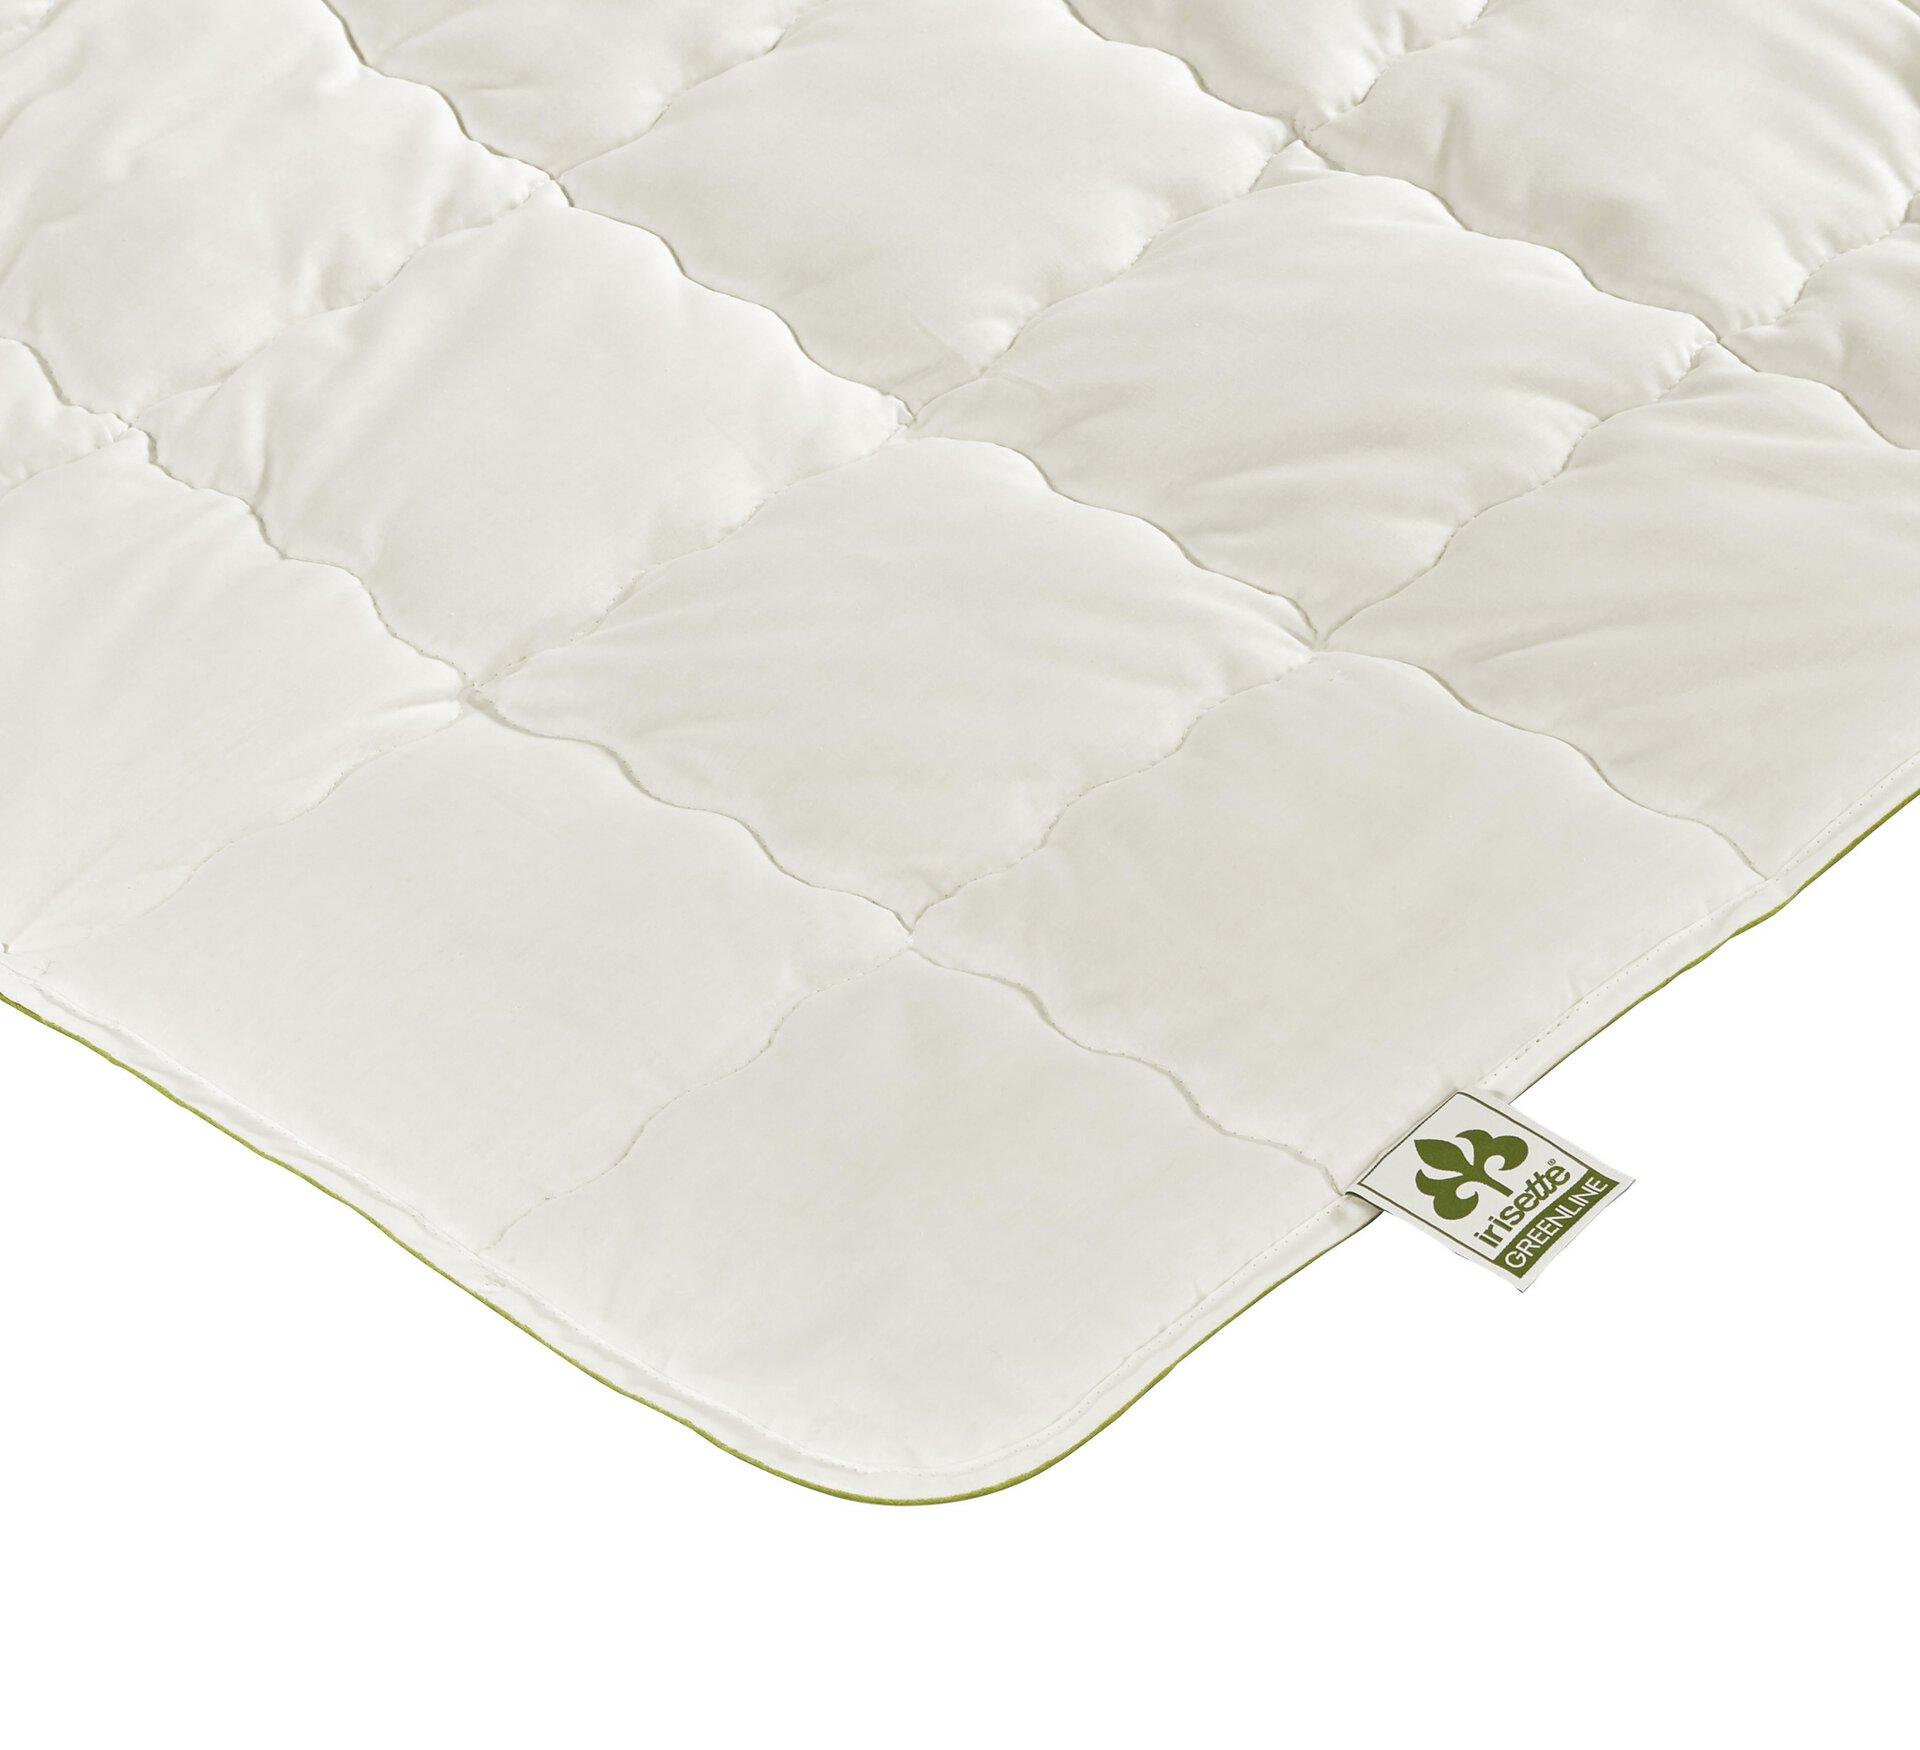 Lightdecke Baumwolle ECO leicht Badenia Irisette Greenline Textil weiß 155 x 200 cm